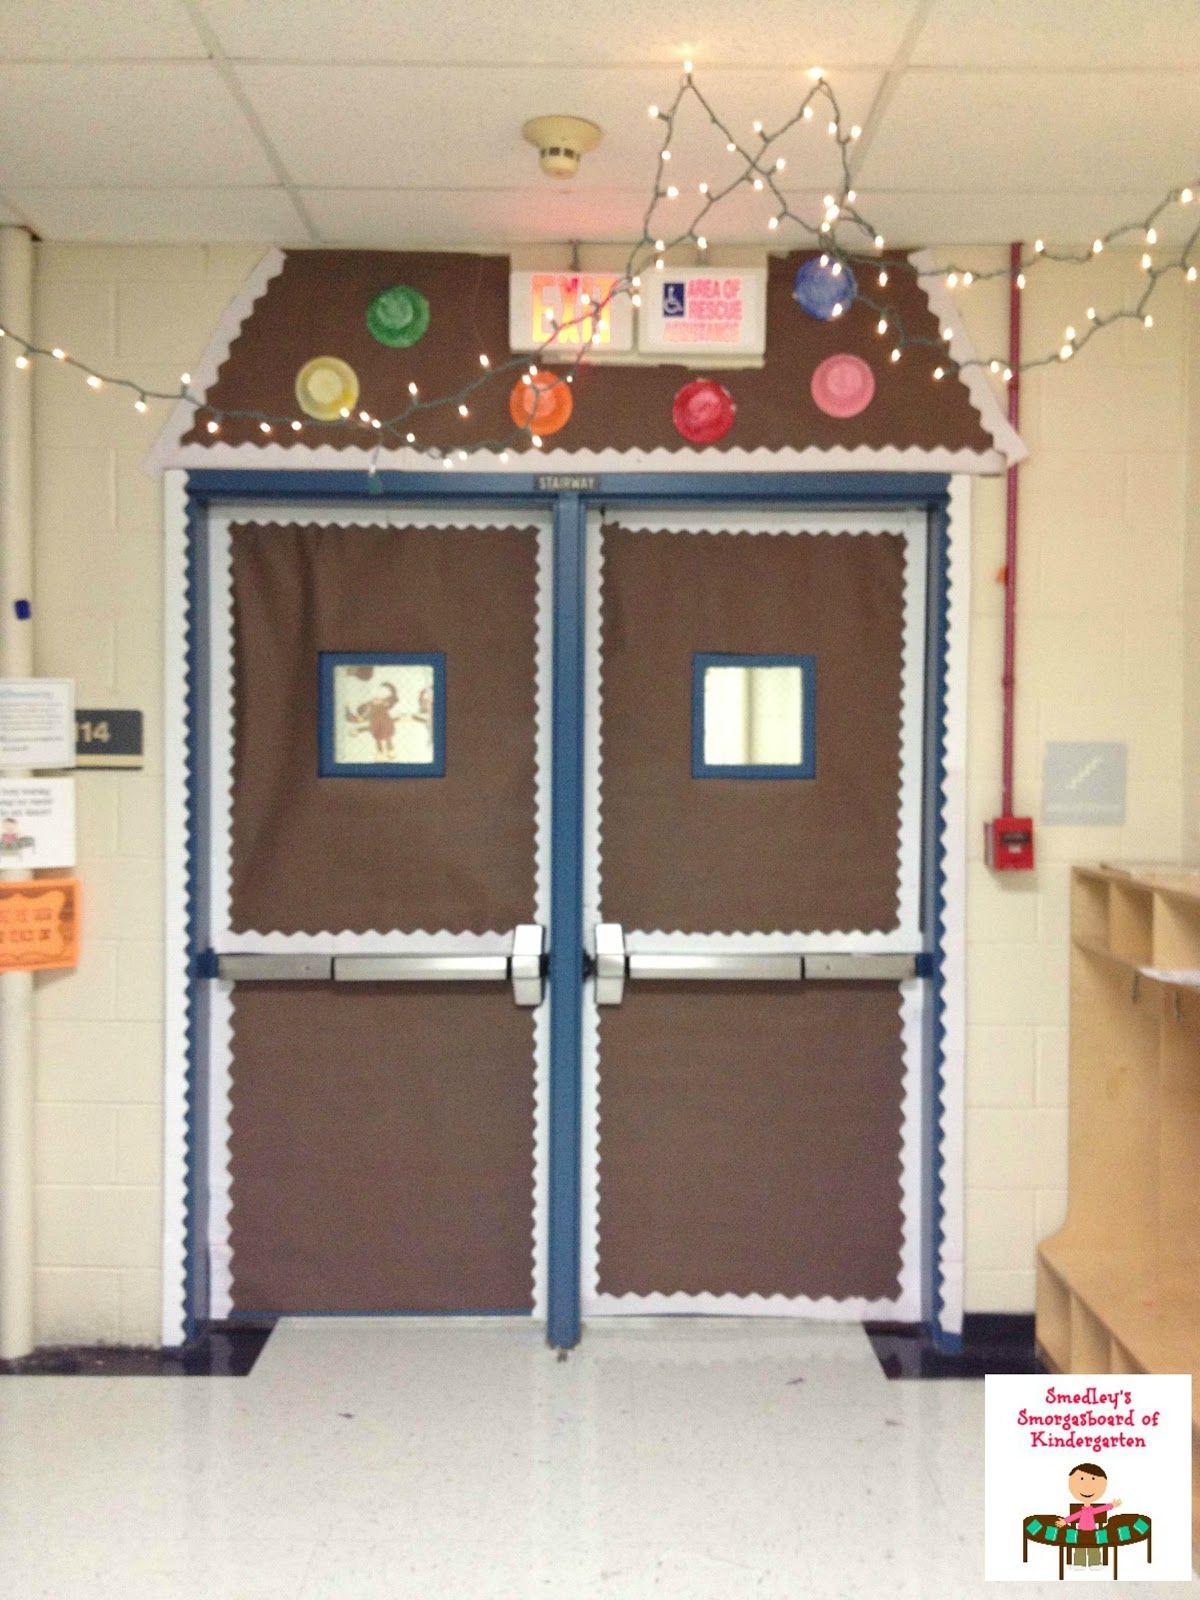 A Gingerbread Hallway Display The Kindergarten Smorgasboard Christmas Door Decorationsclass